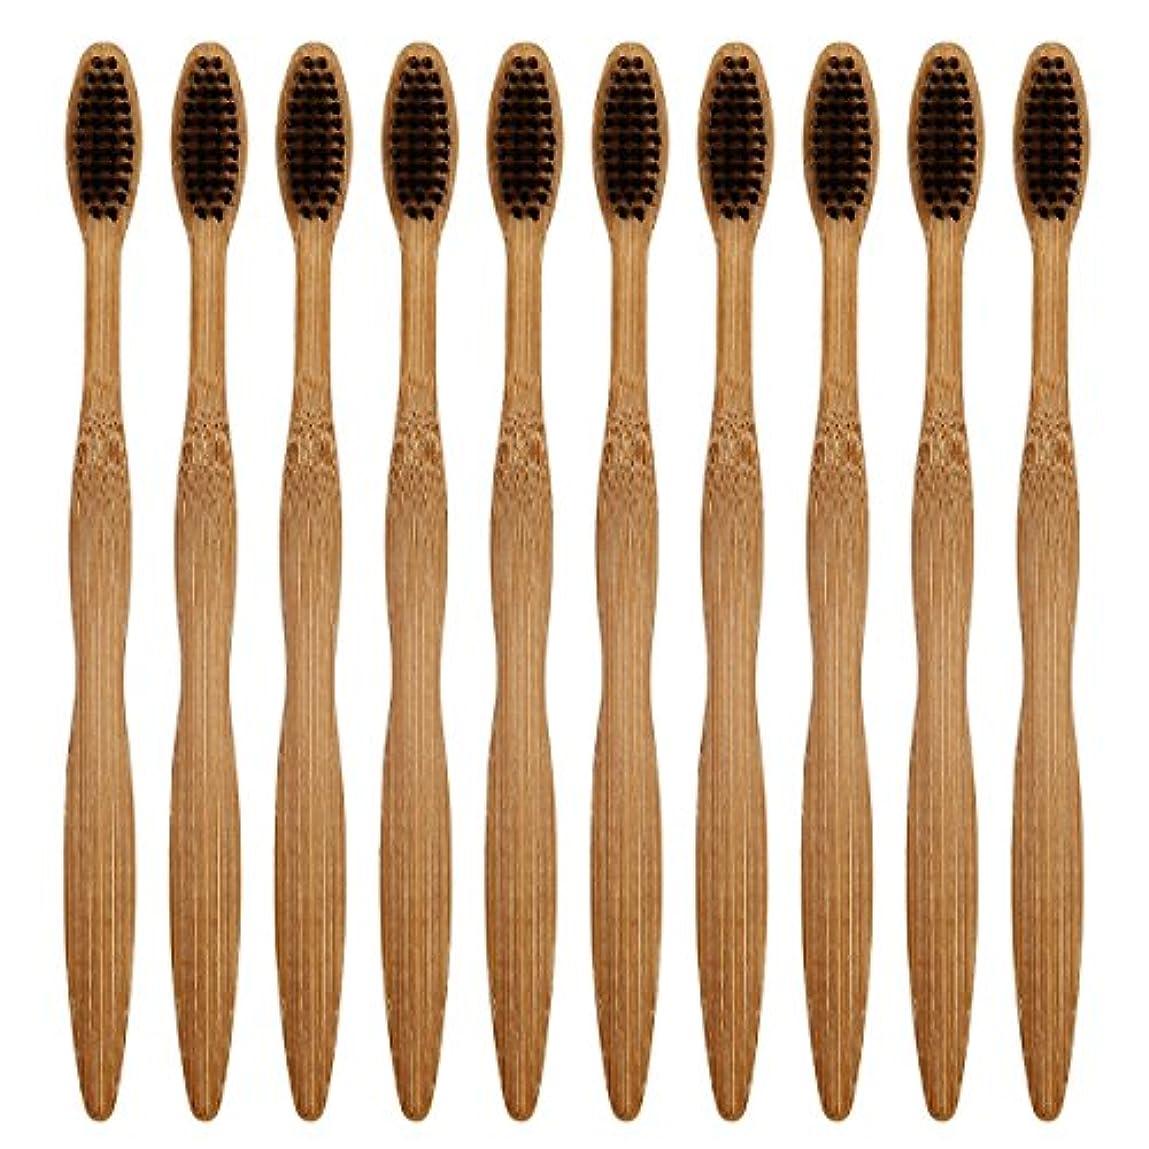 散るオーロック成功したCA Mode(JP) 竹製 歯ブラシ ナイロン毛 環境保護 大人用 ハブラシ 10本入